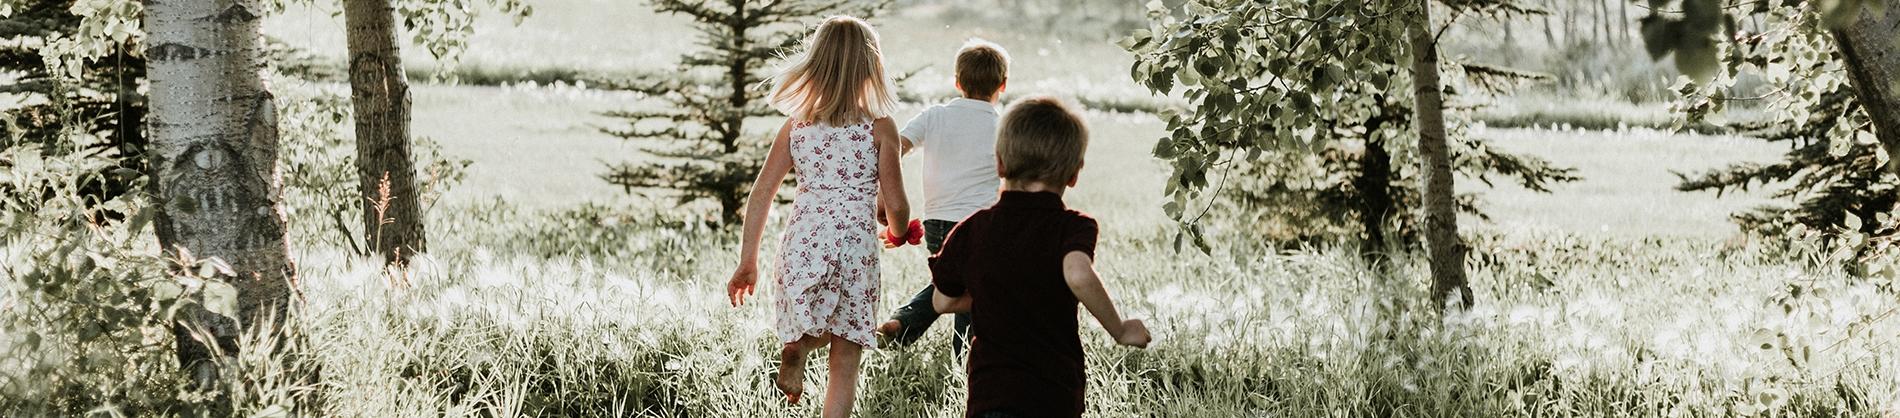 Three children running through a sunny forest